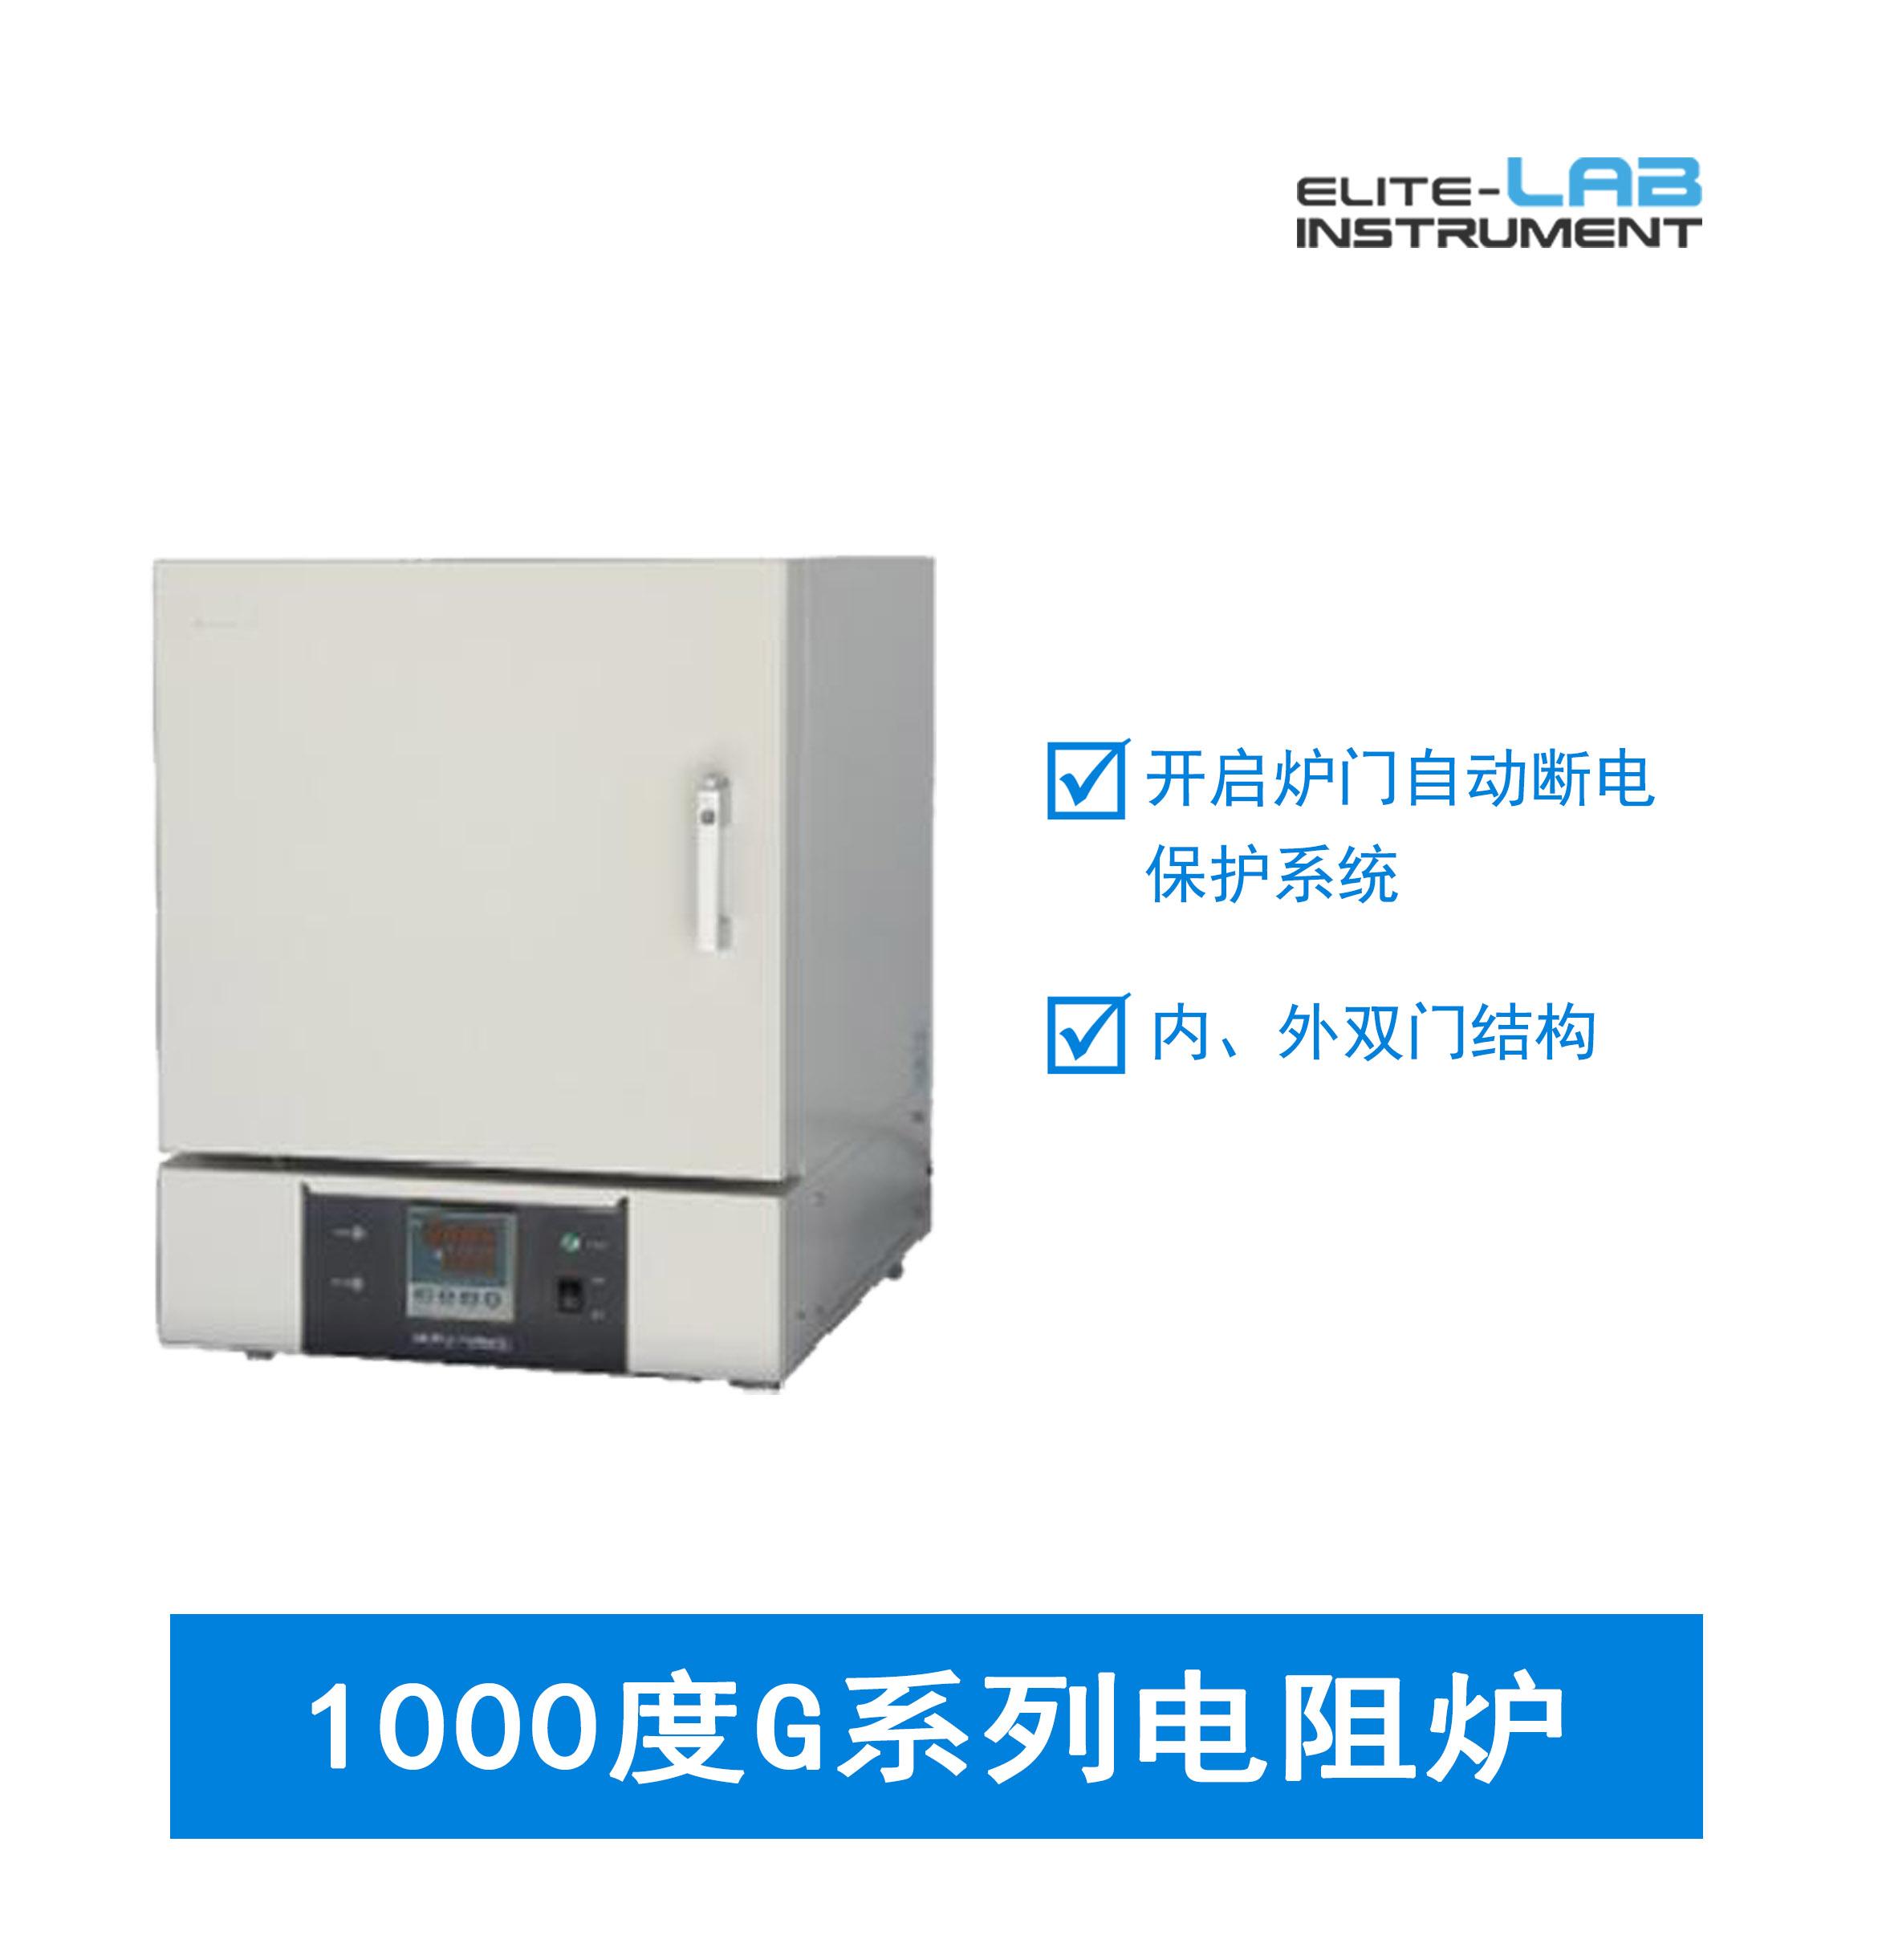 莱博泰科 箱式电阻炉 1000度G系列